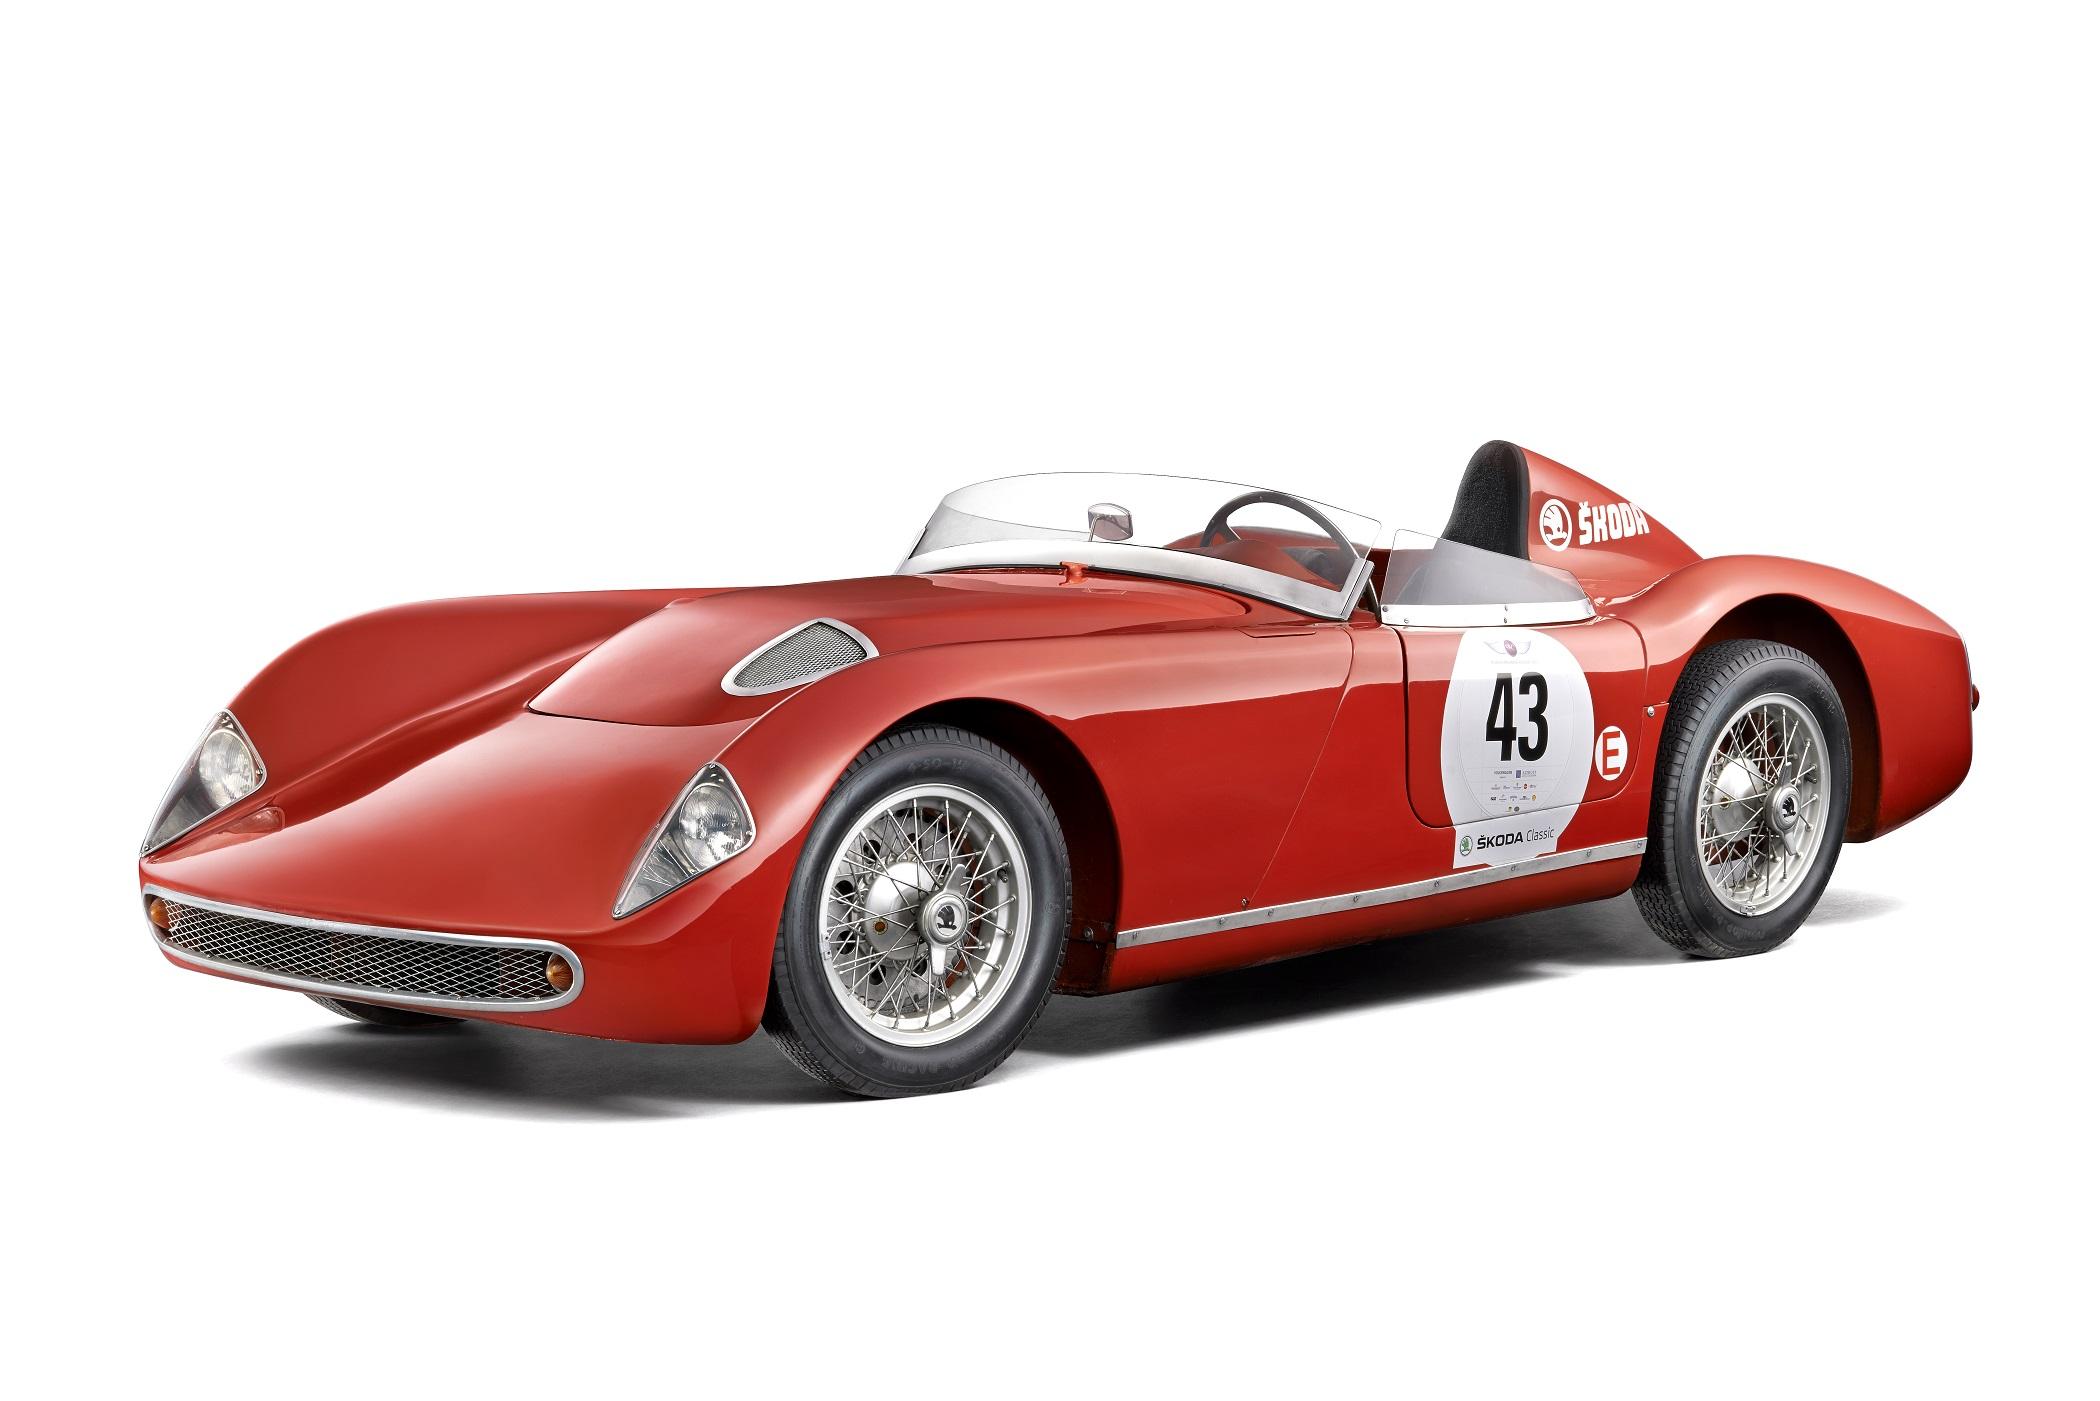 К декабрю 1957 года было выпущено два экземпляра гоночного родстера ŠKODA 1100 OHC, который развивал максимальную скорость до 200 км/ч.